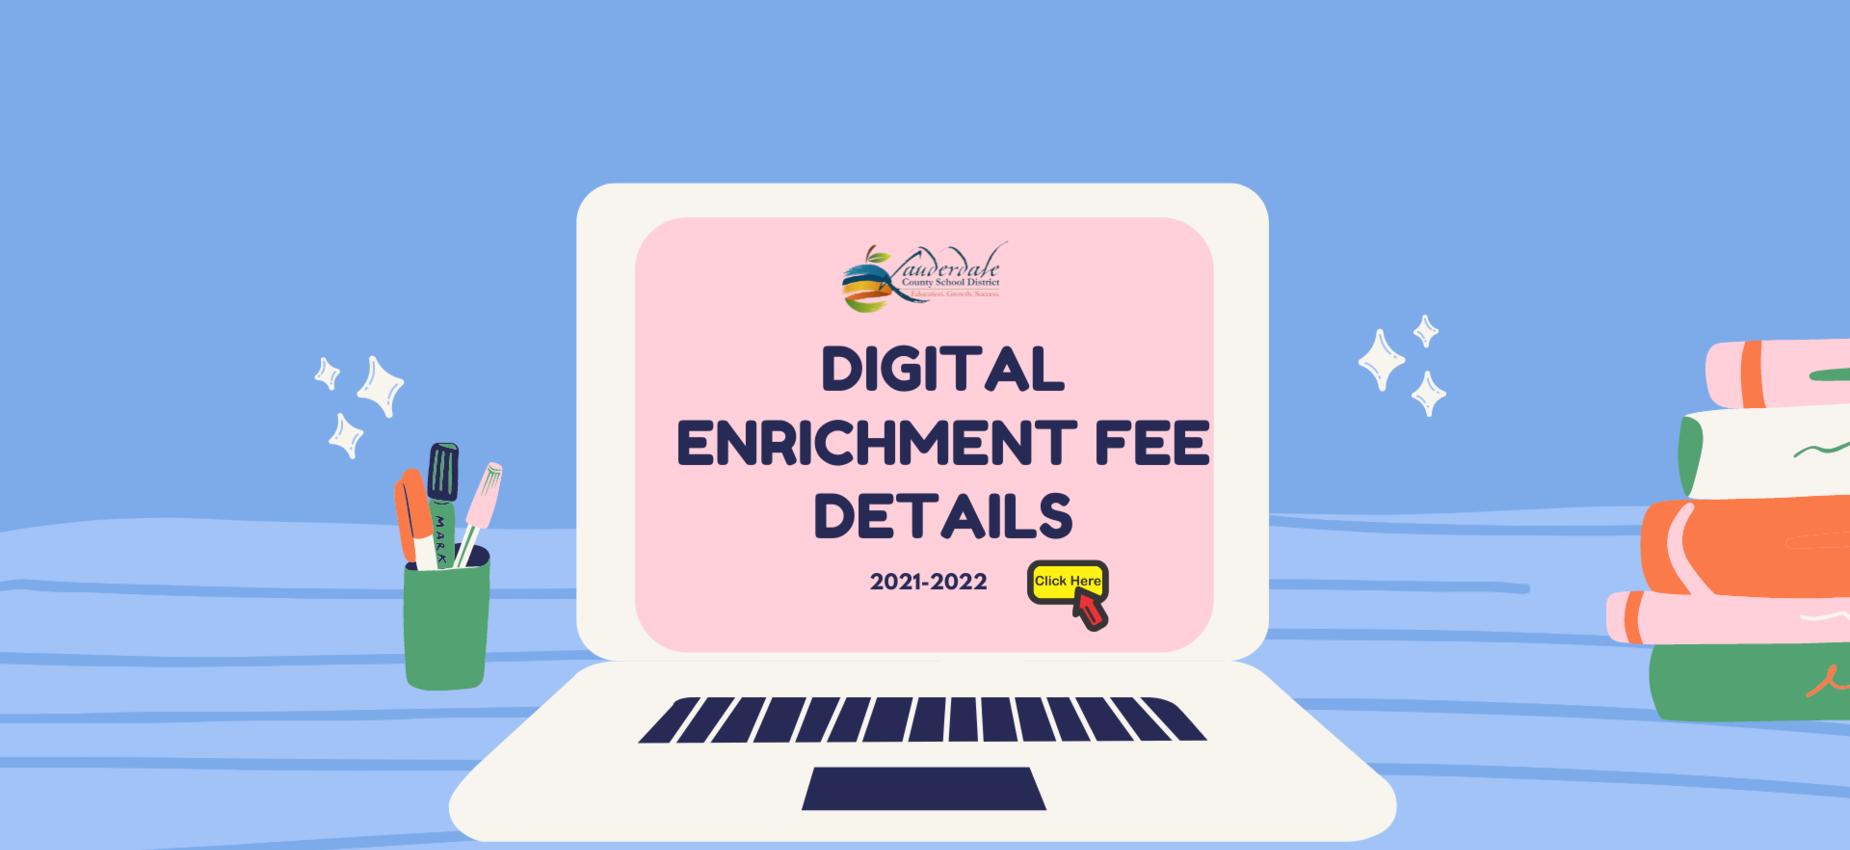 Digital Enrichment Fee Details Graphic